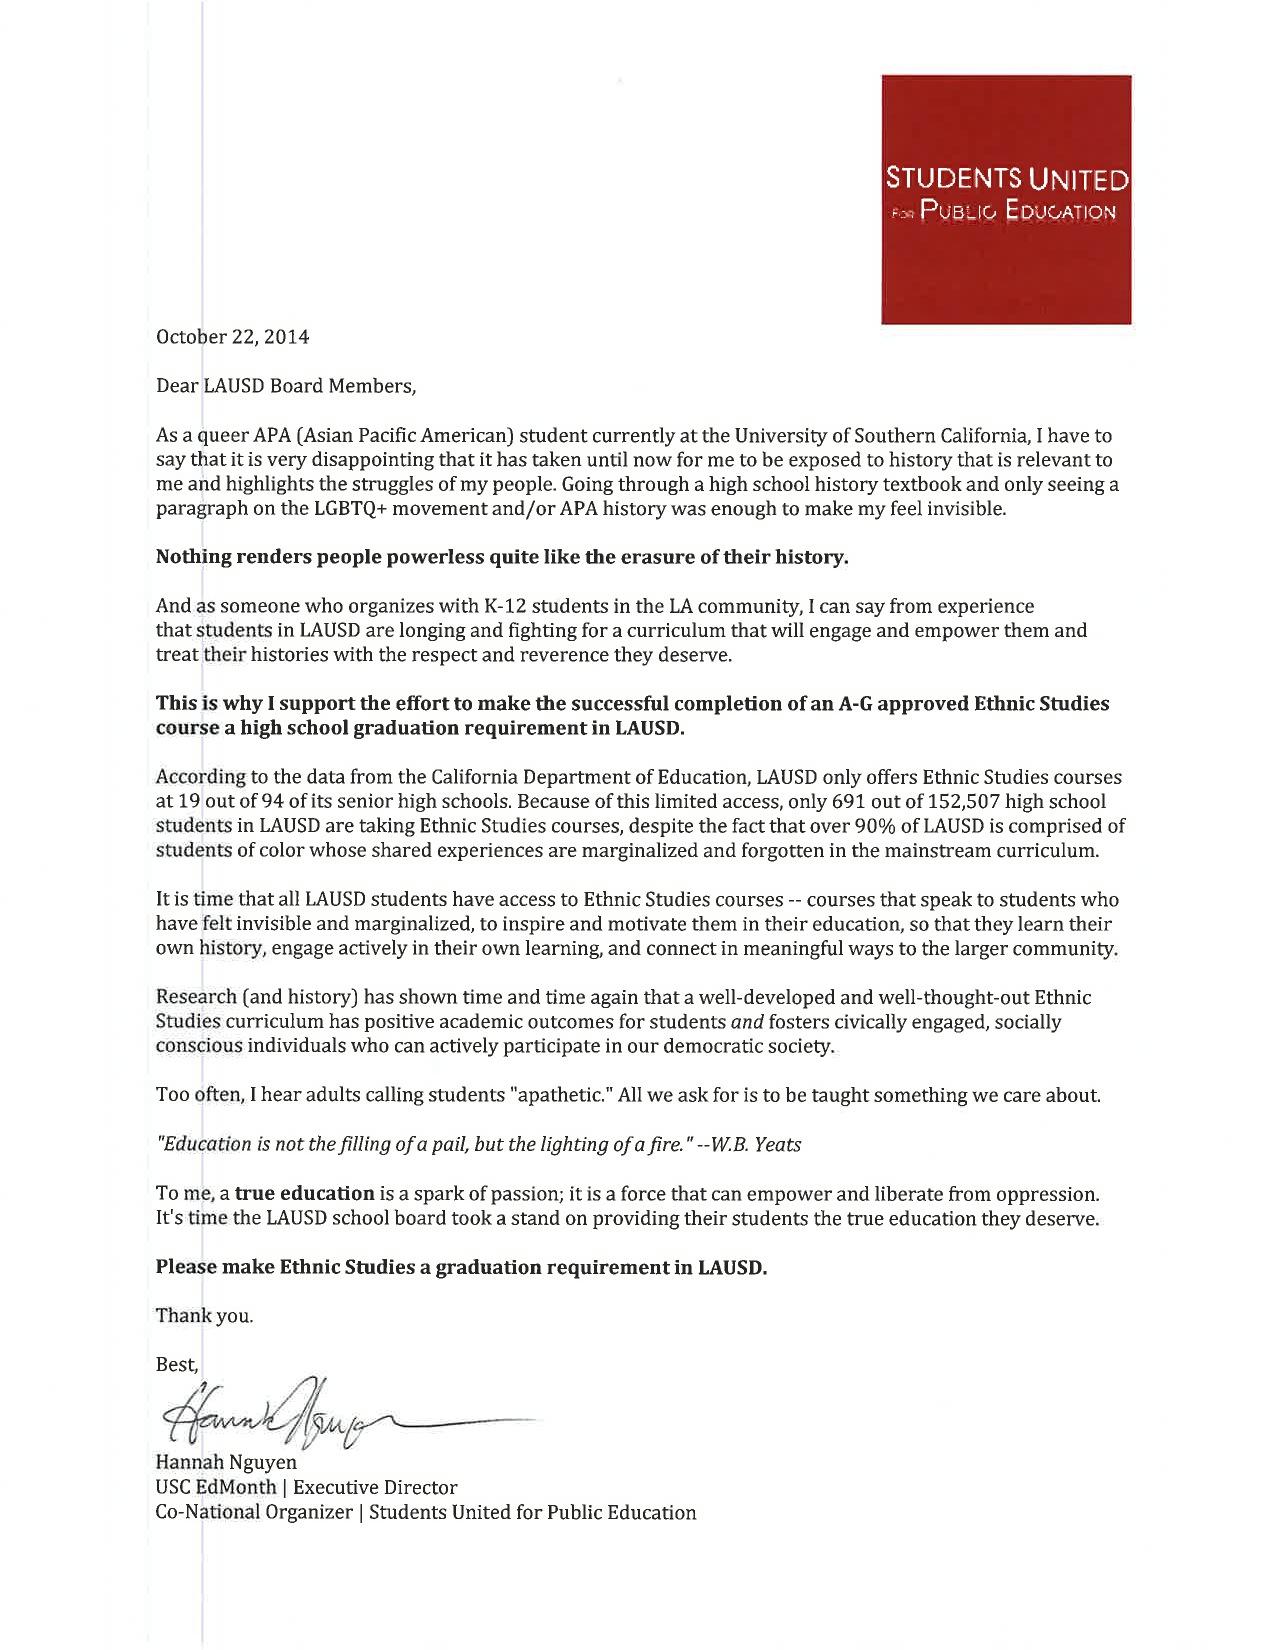 Hannah_Nguyen_-_Signed_Ethnic_Studies_Letter.jpg